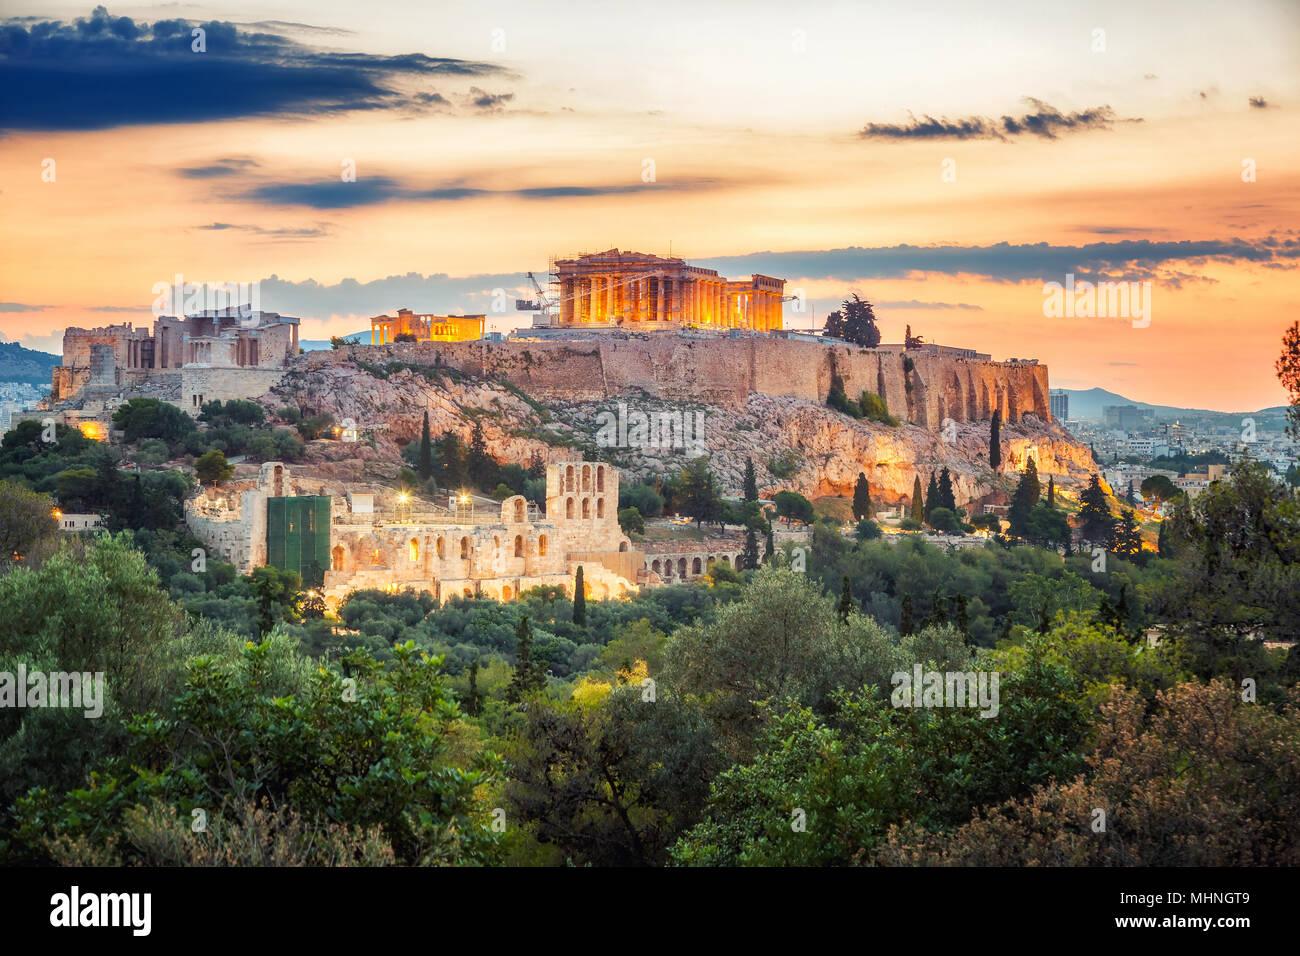 Parthenon, Acropolis of Athens, Greece at sunrise Stock Photo